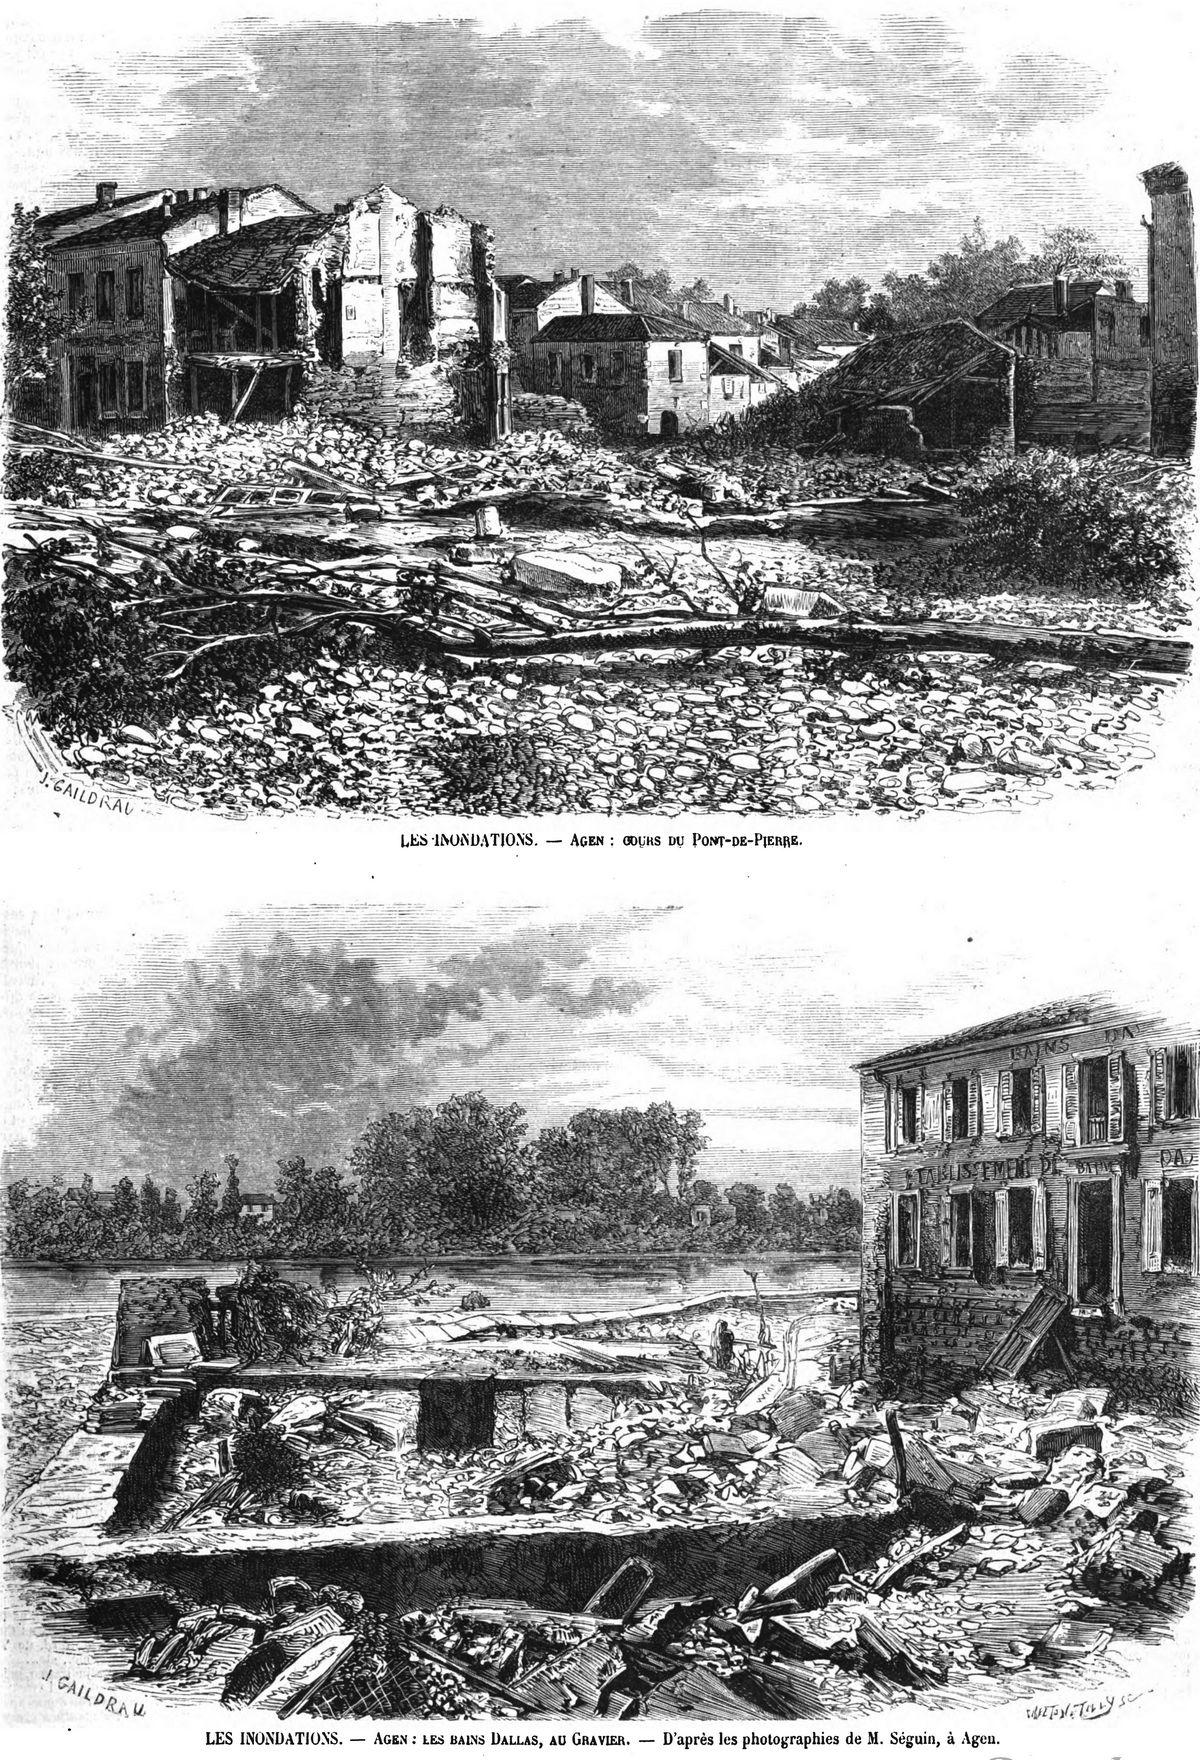 Agen : cours du Pont-de-Pierre; Gravure 1875 — Les bains Dalias, au Gravier; Gravure 1875